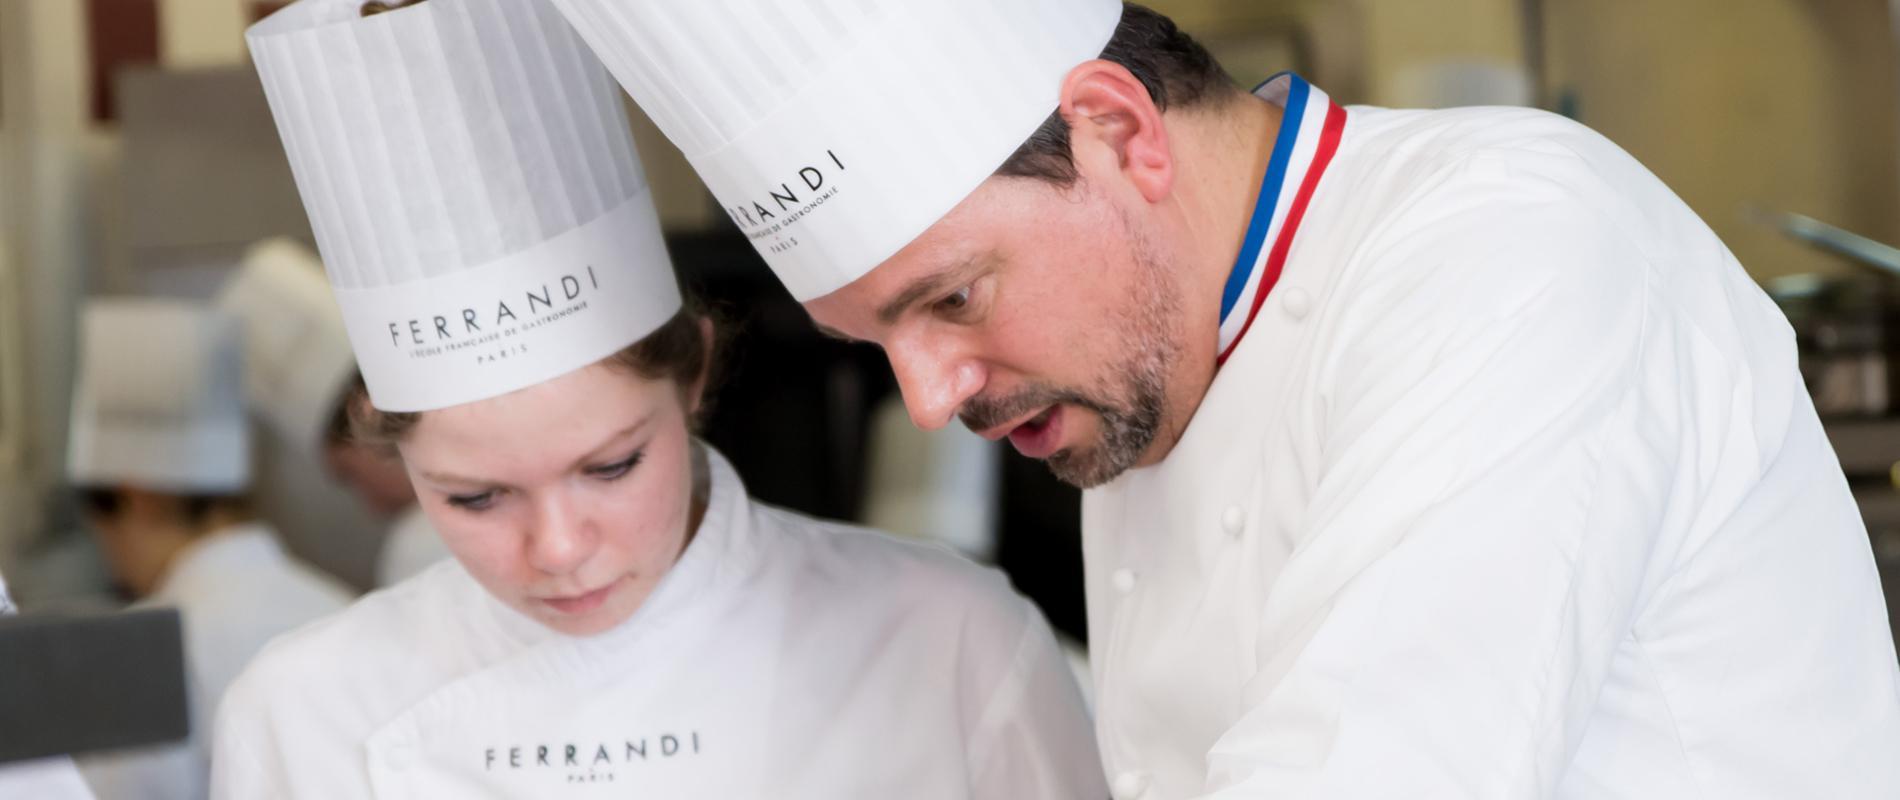 Ces écoles de cuisine prestigieuses où sont formés les plus grands chefs